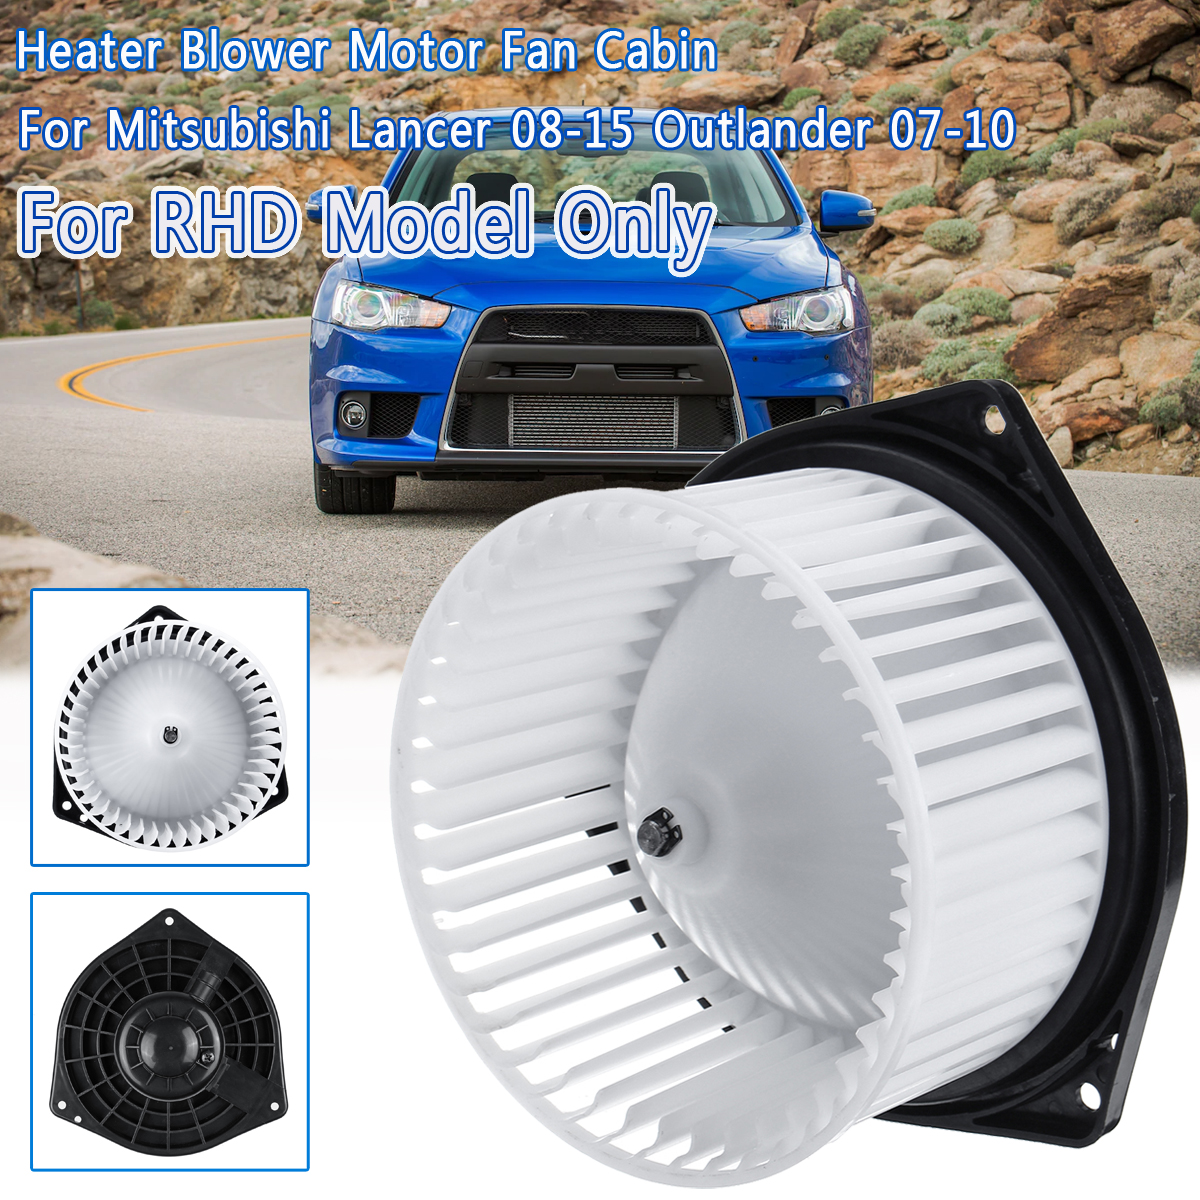 1PCS LHD/RHD Cabina Riscaldatore Ventilatore Ventola Del Motore Per Mitsubishi Lancer 2008-2015 Outlander 2007 2008 2009 2010 #615-50180 700239